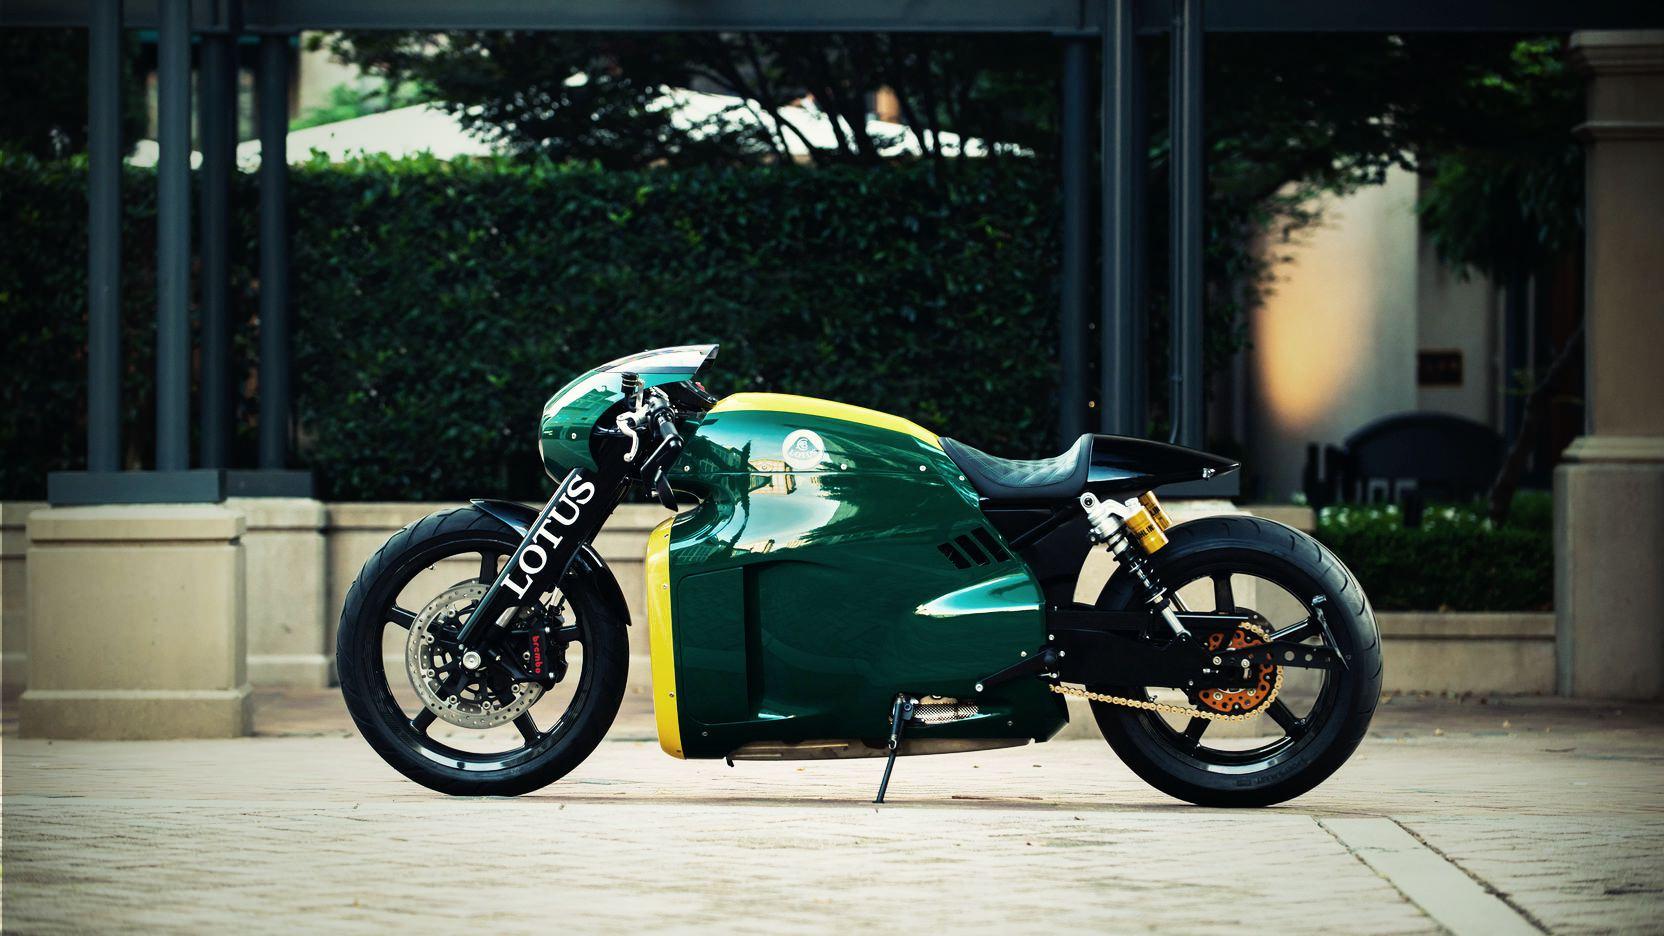 Lotus-C-01-Motorcycle-6